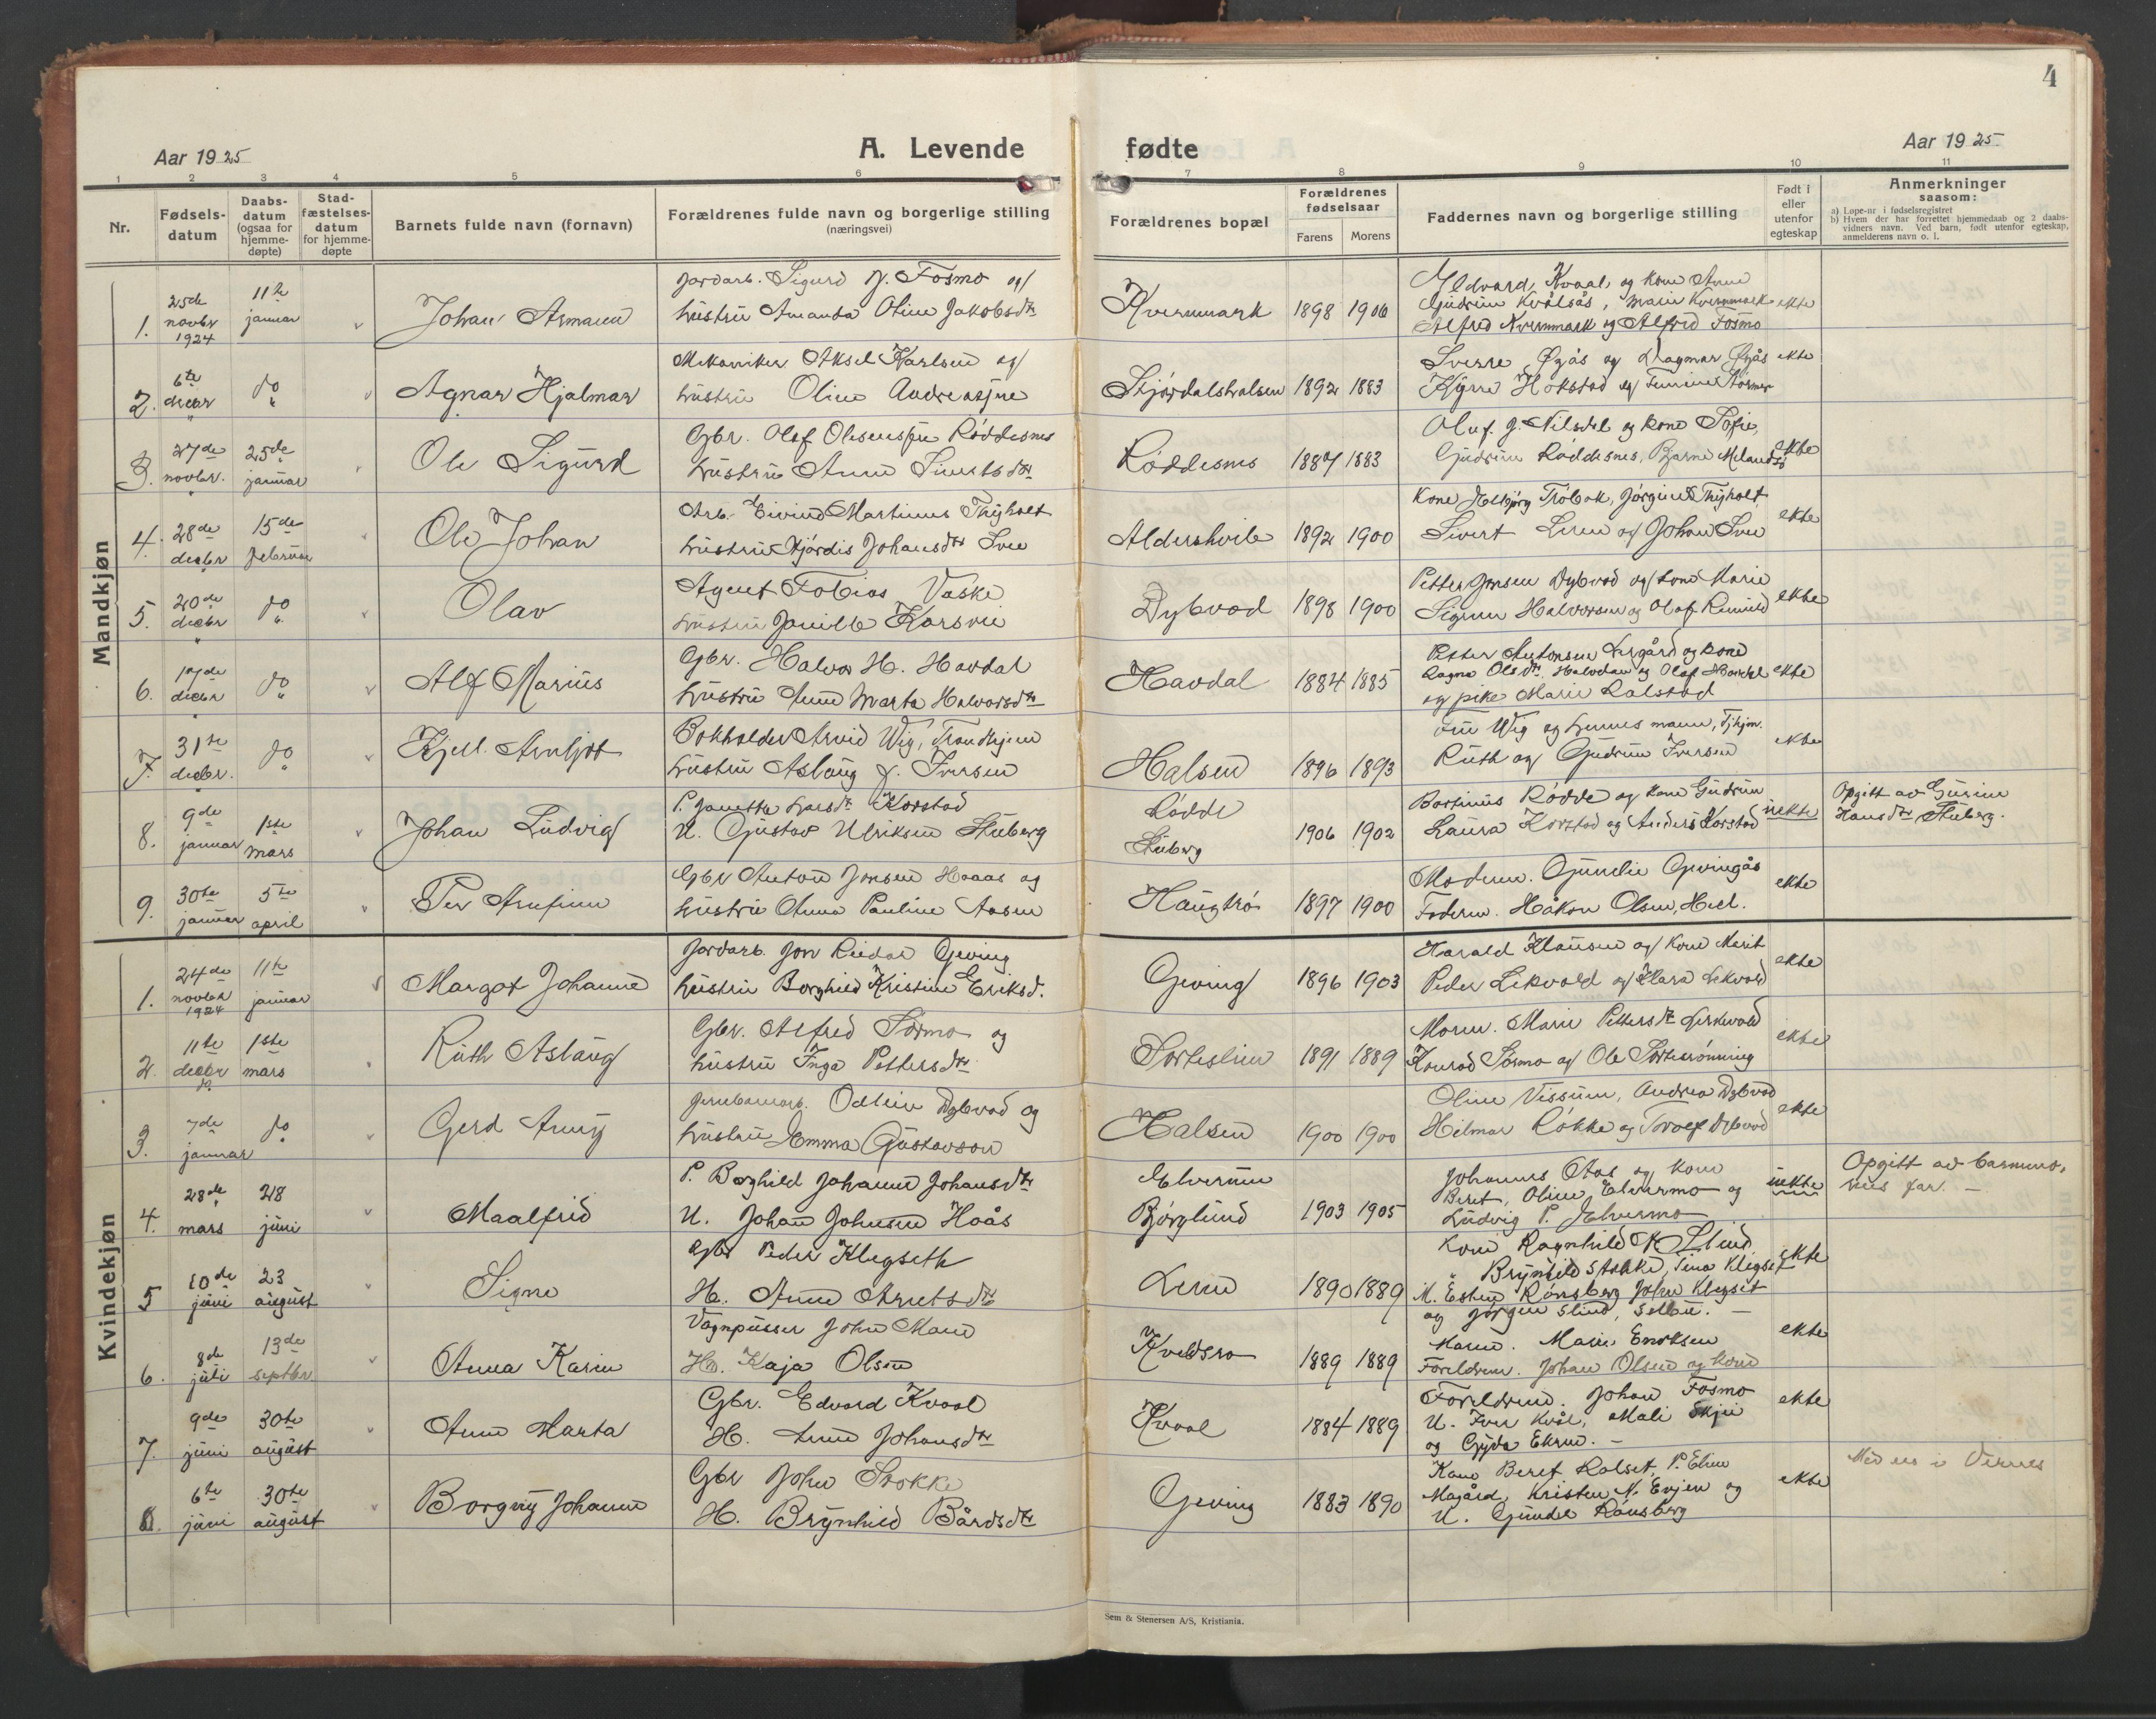 SAT, Ministerialprotokoller, klokkerbøker og fødselsregistre - Nord-Trøndelag, 710/L0097: Klokkerbok nr. 710C02, 1925-1955, s. 4